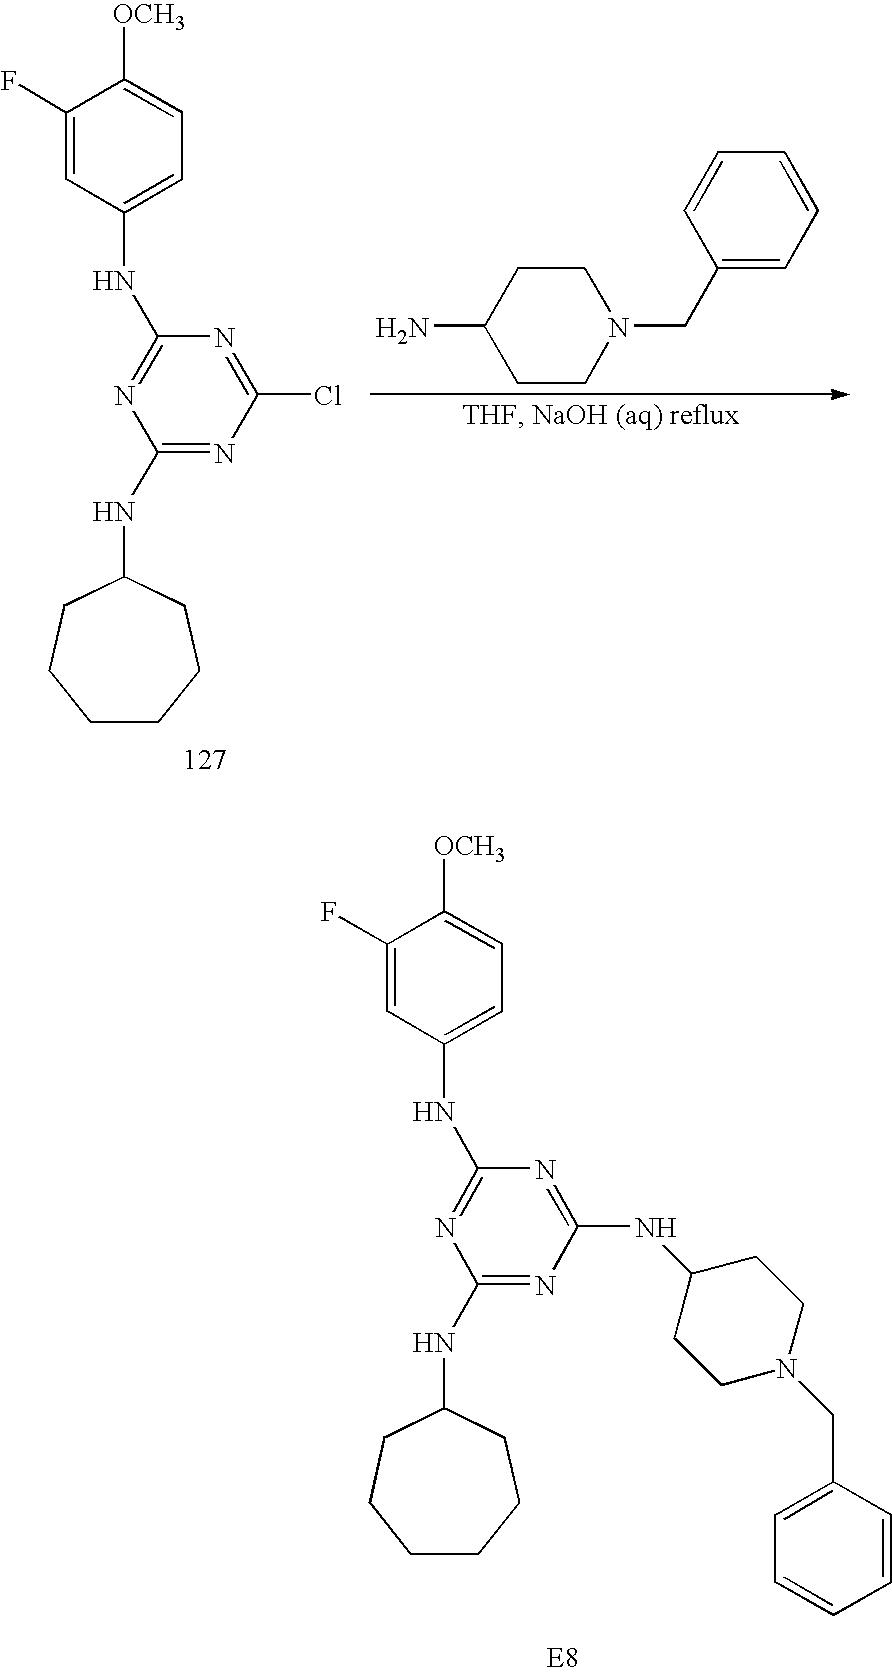 Figure US20050113341A1-20050526-C00202